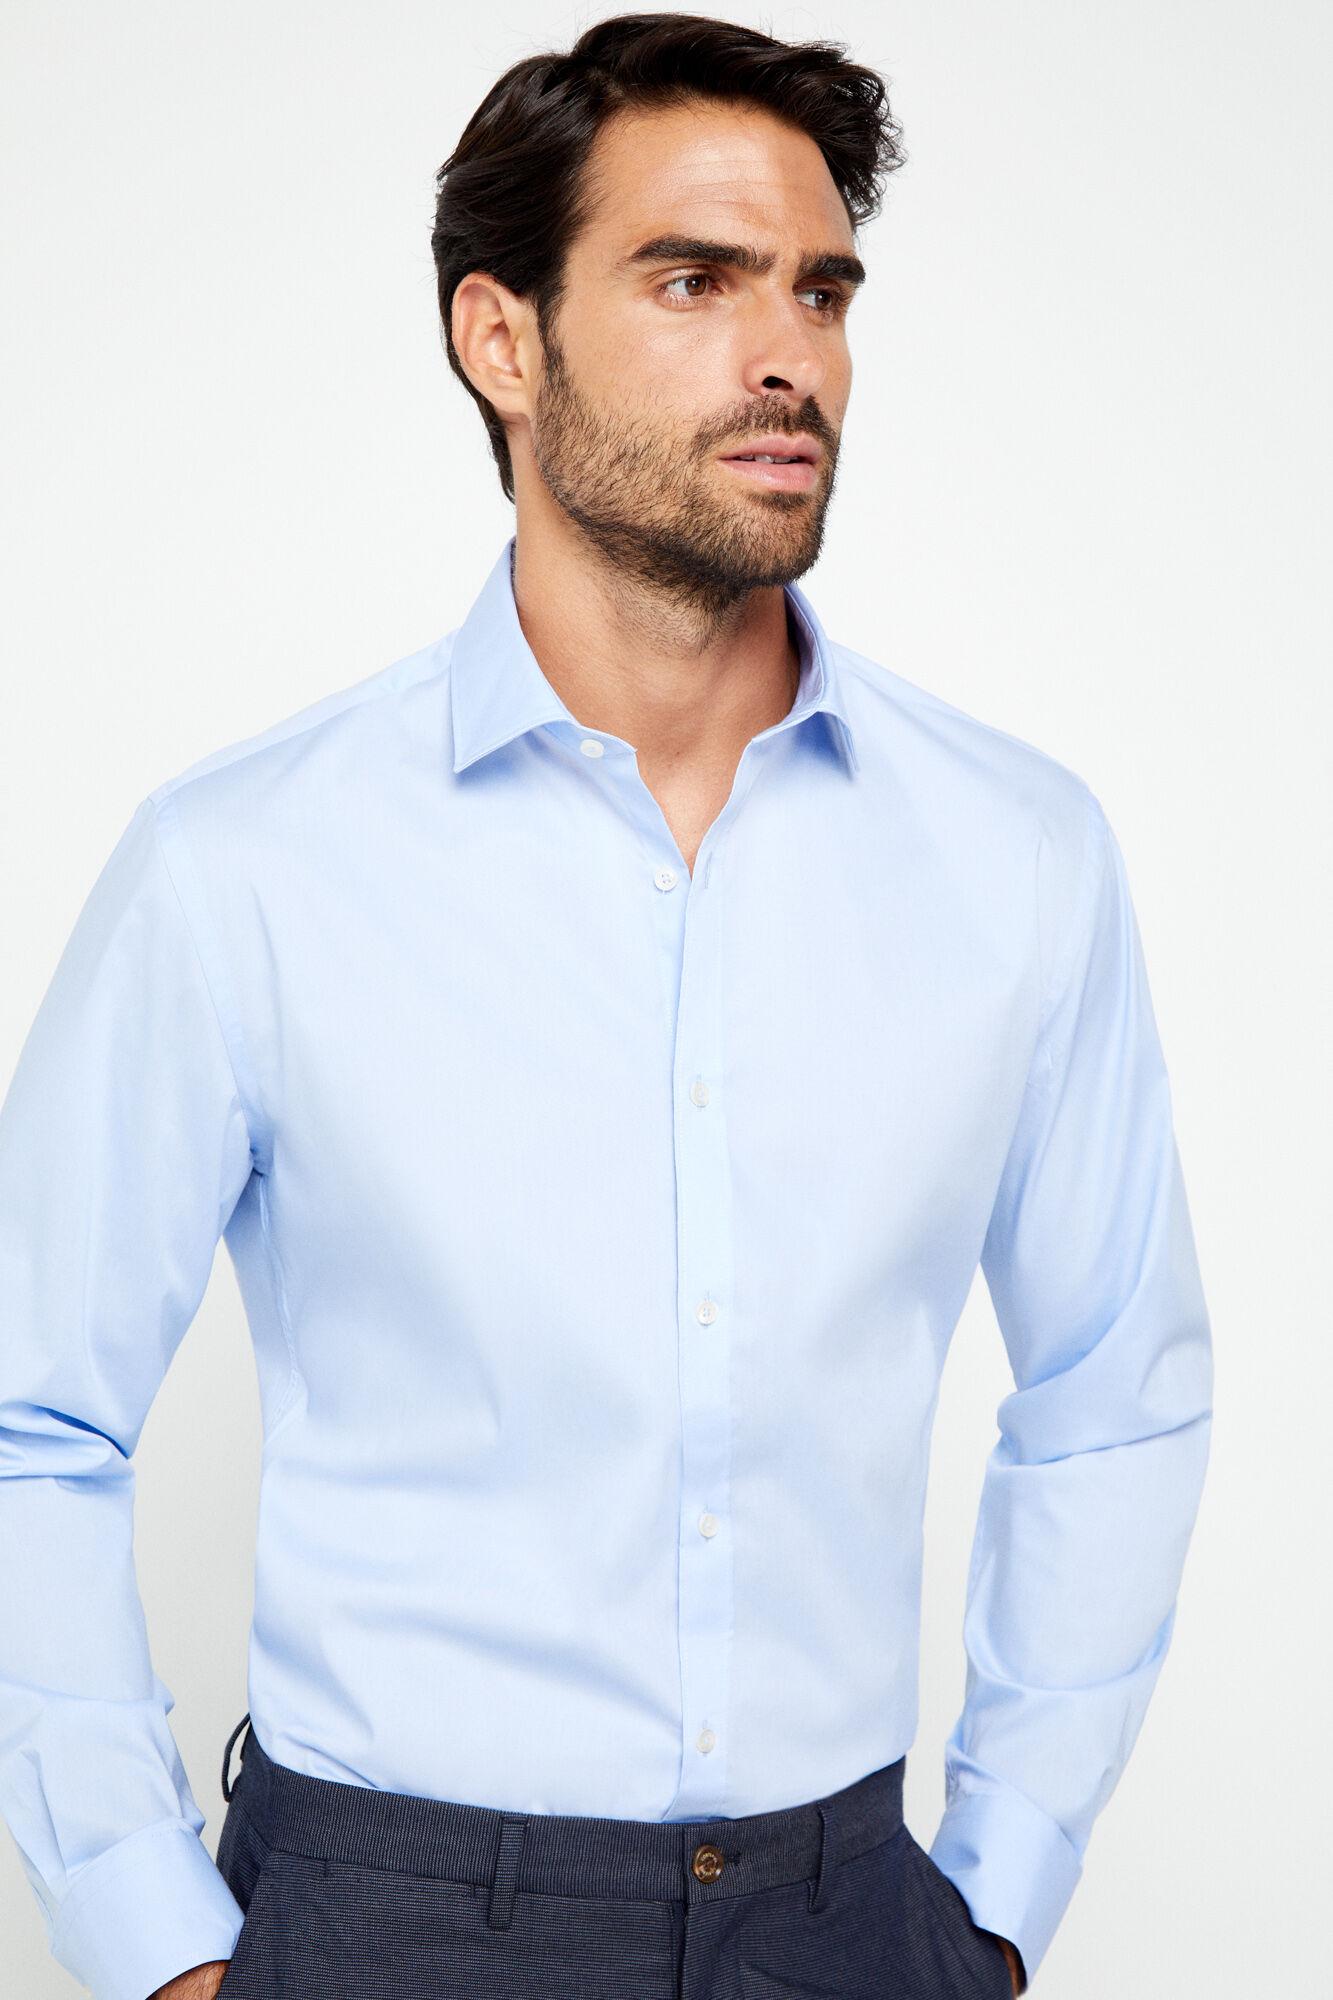 Camisas de hombre cortefiel | FASHIOLA.es